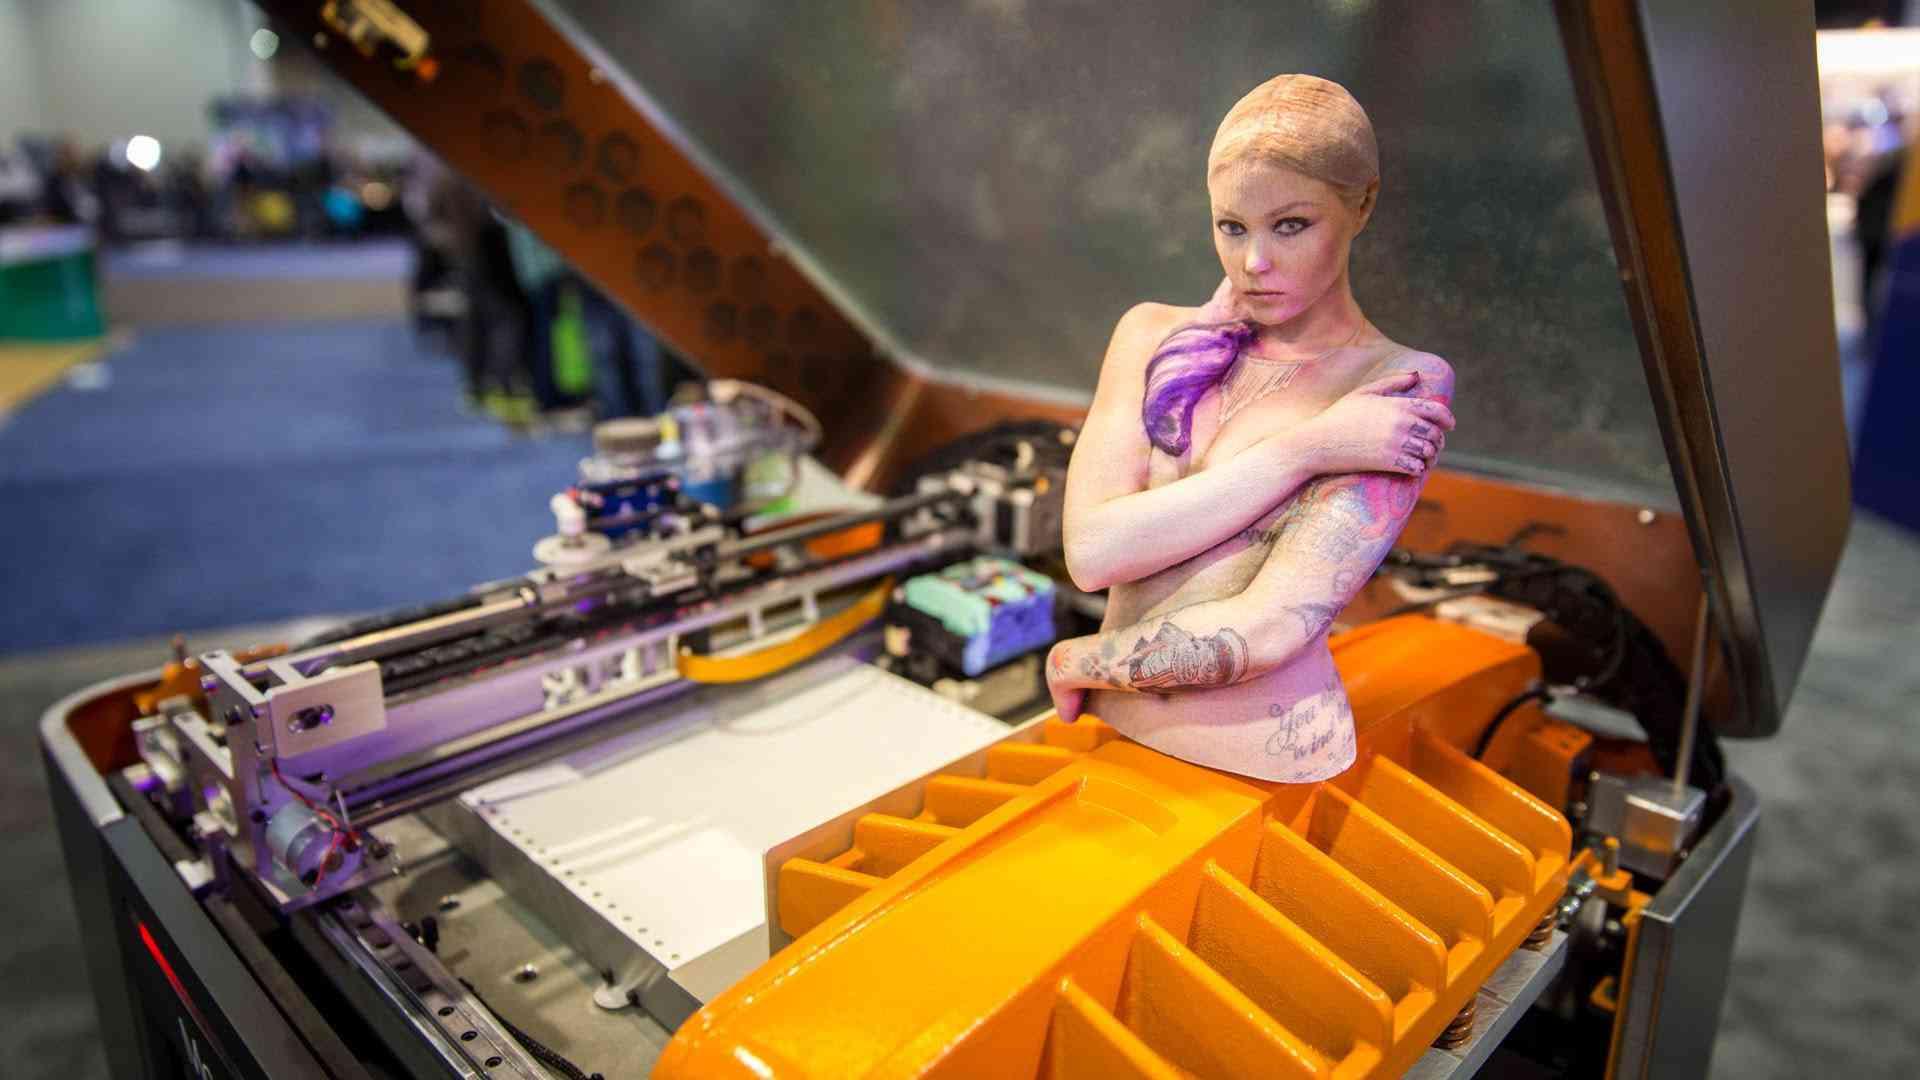 maxresdefault 8 Impressão 3d colorida: A nova fronteira da impressão 3d